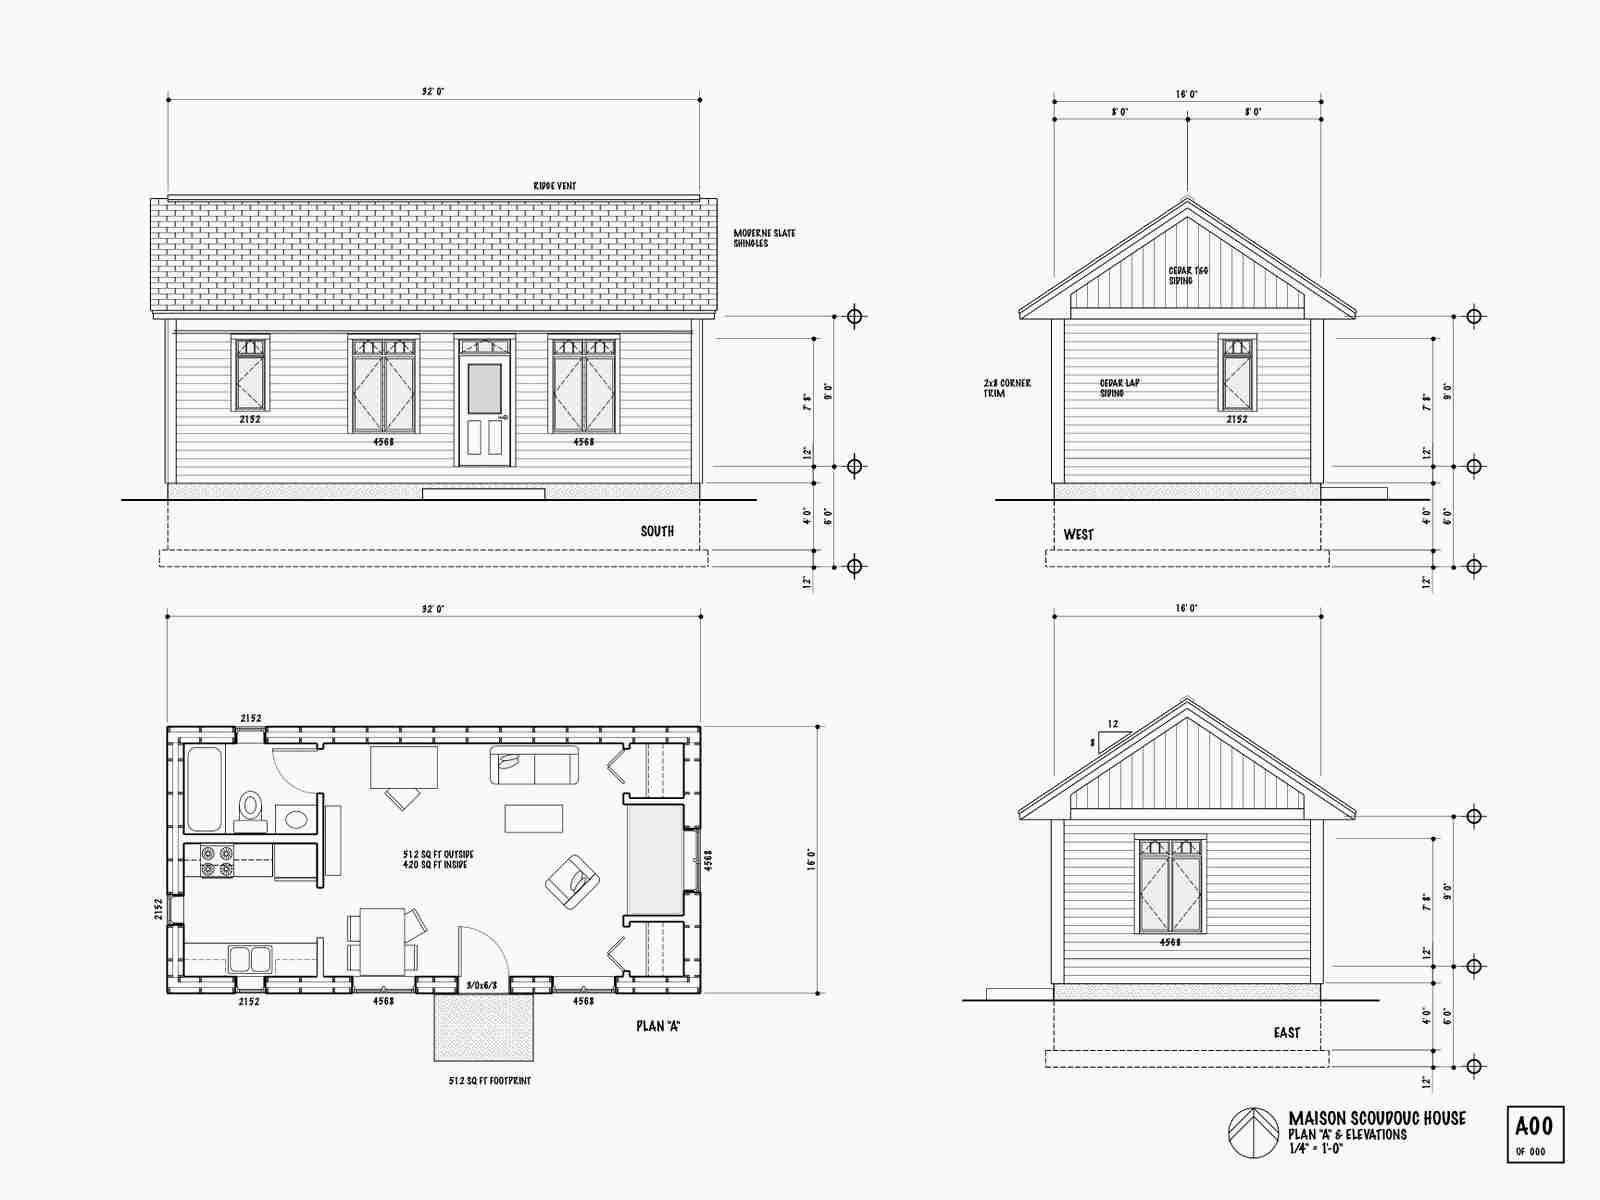 logiciel pour dessiner plan de maison id es de travaux. Black Bedroom Furniture Sets. Home Design Ideas